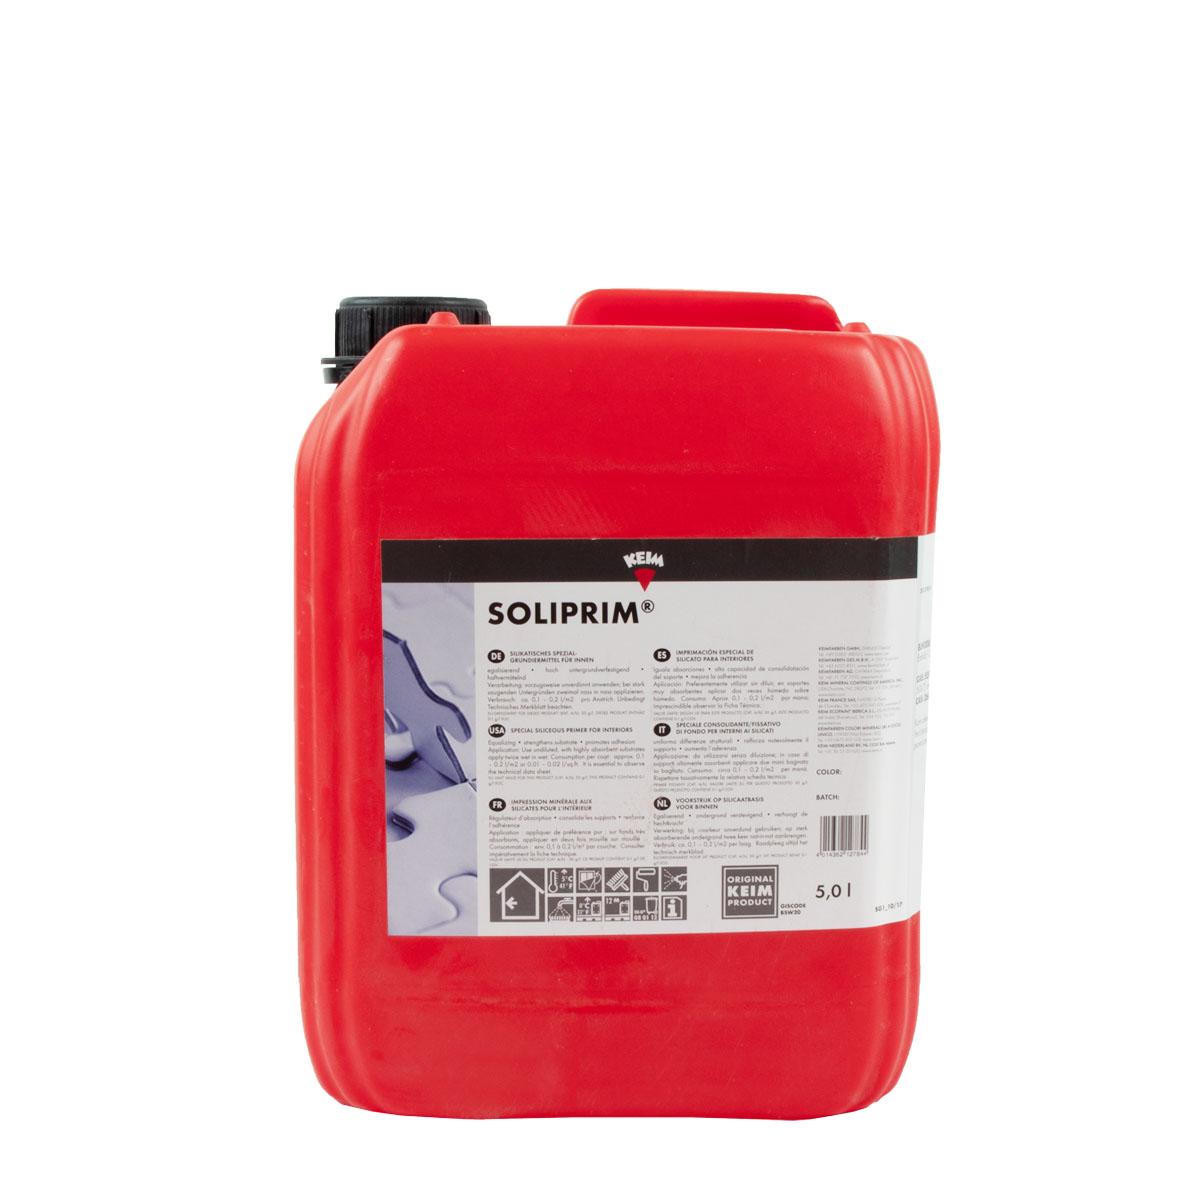 KEIM Soliprim 5L ,silikatisches Spezial-Grundiermittel für innen